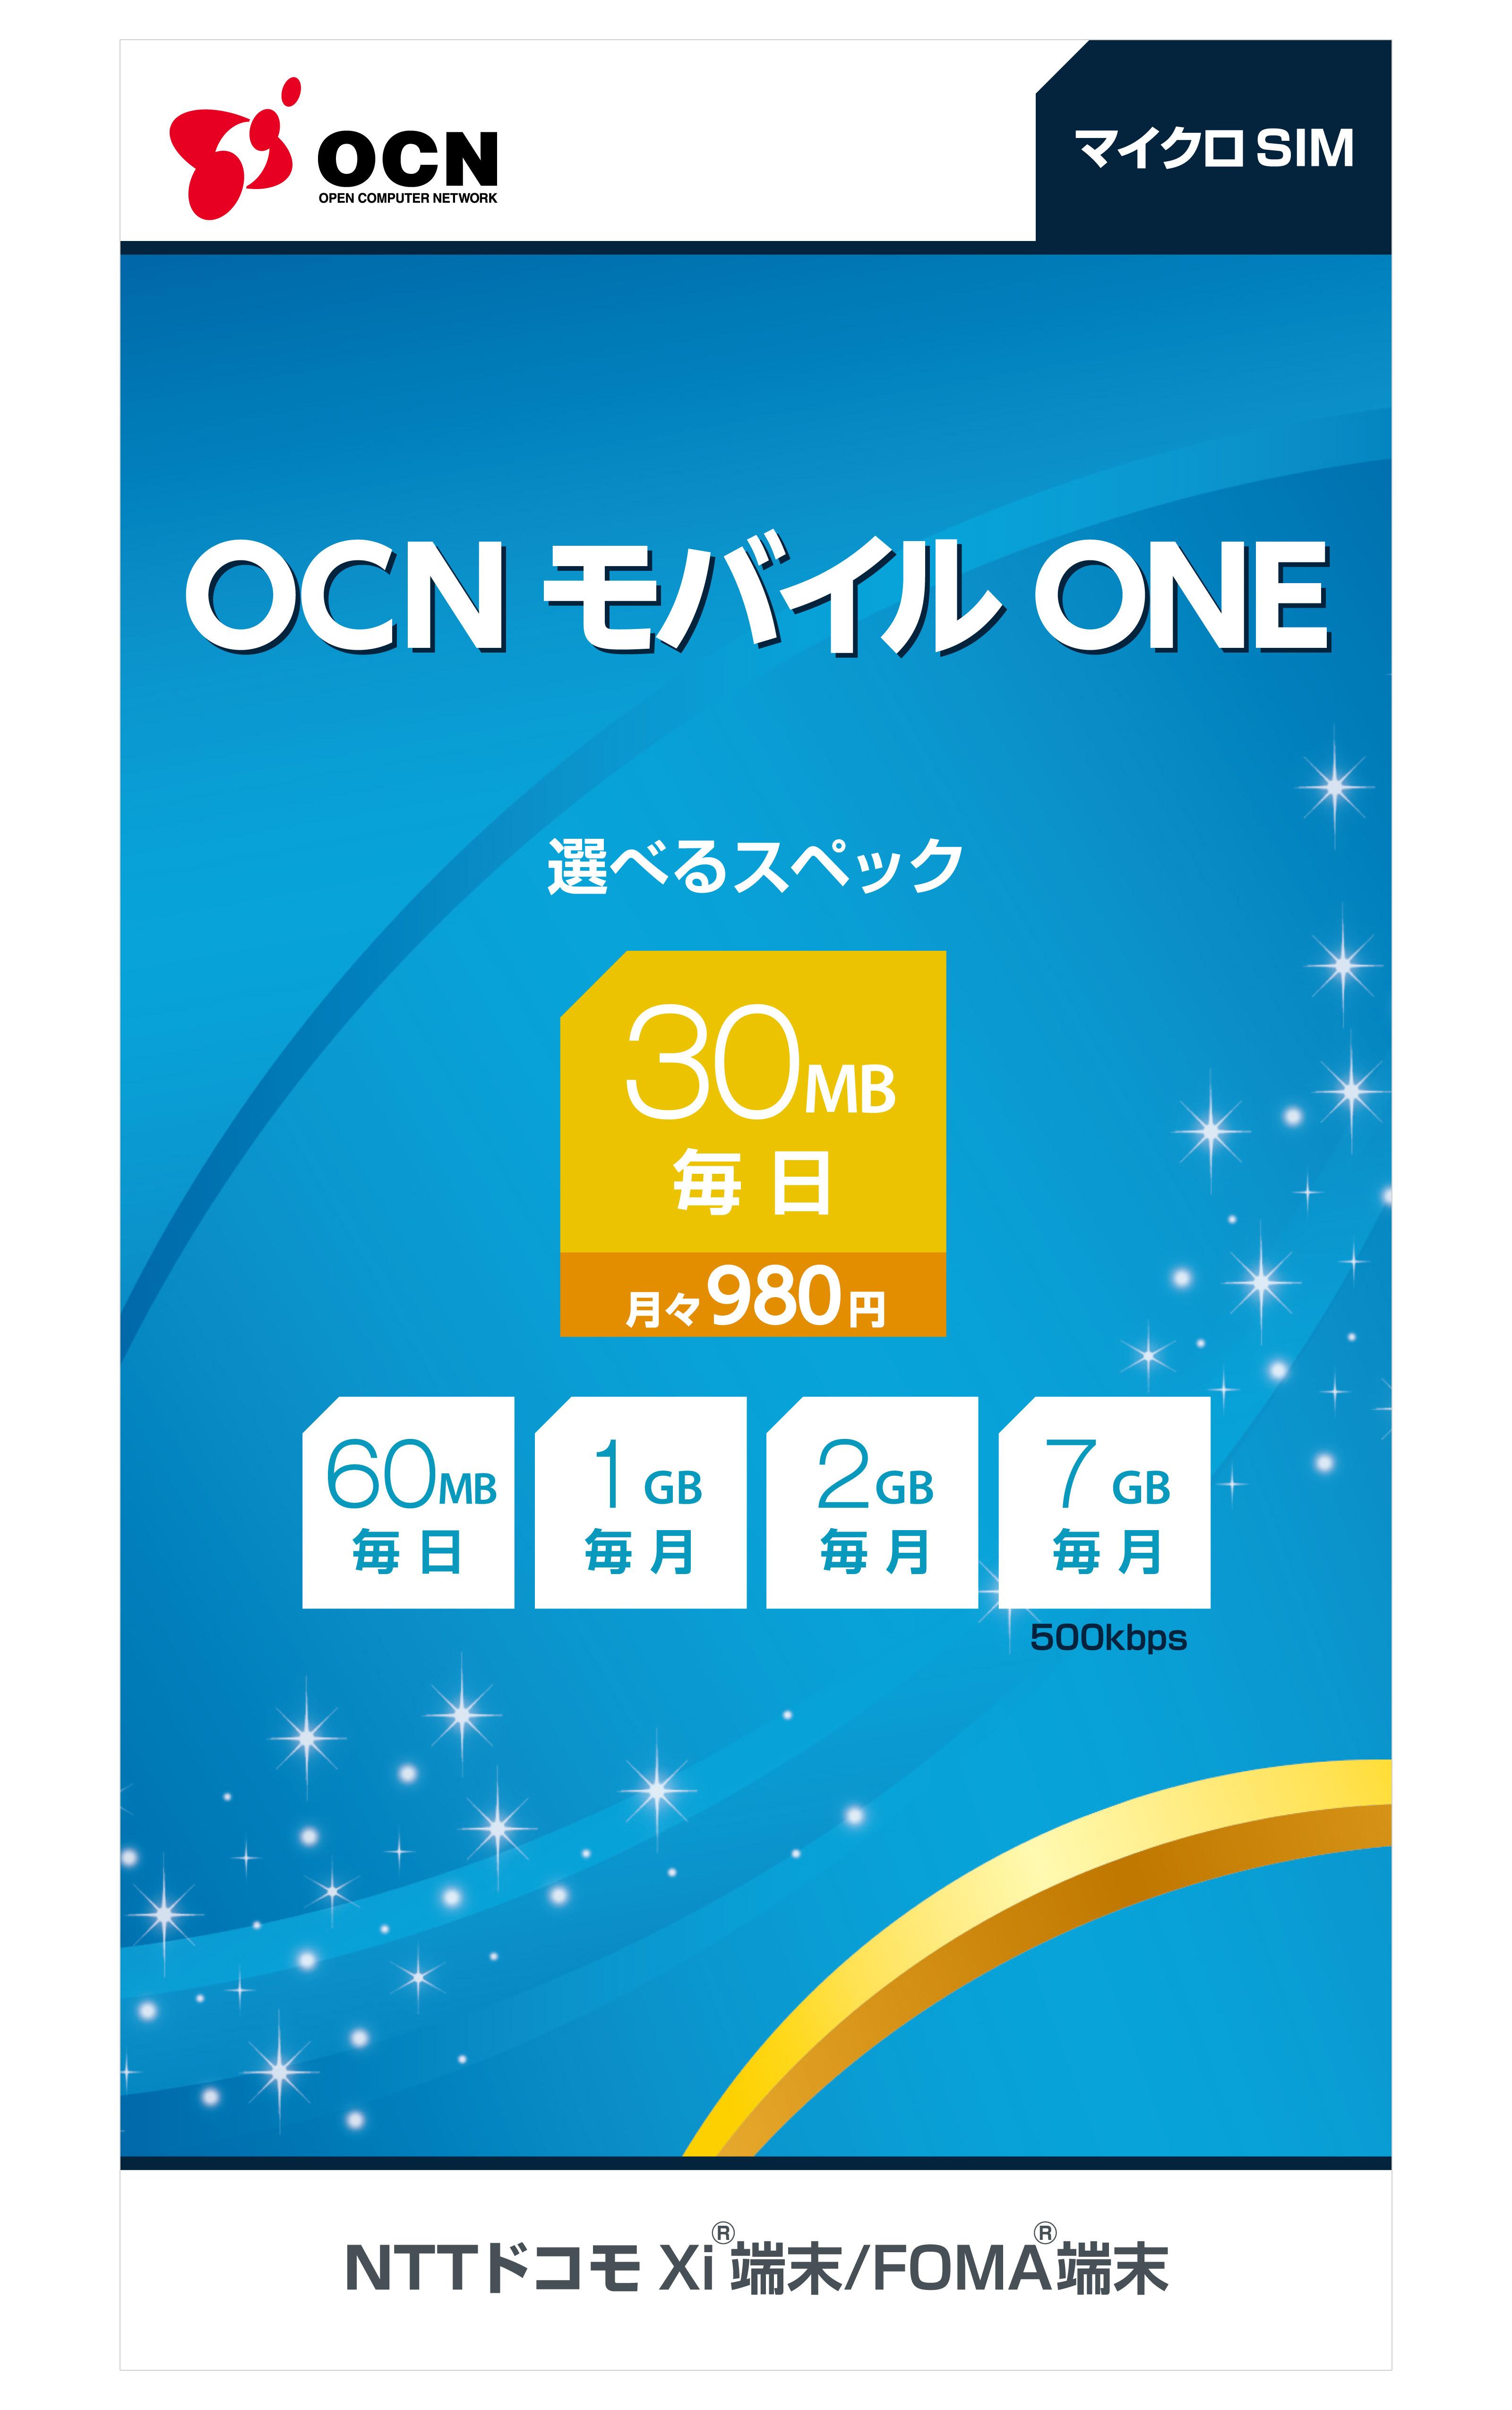 http://www.atpress.ne.jp/releases/38284/1_1.jpg